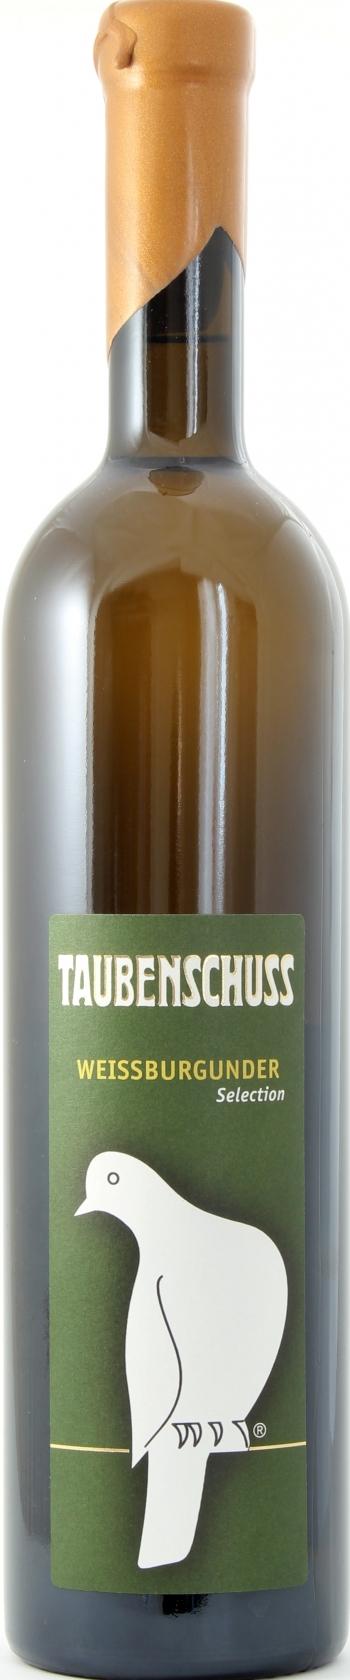 Weißburgunder Selection Taubenschuß 2013